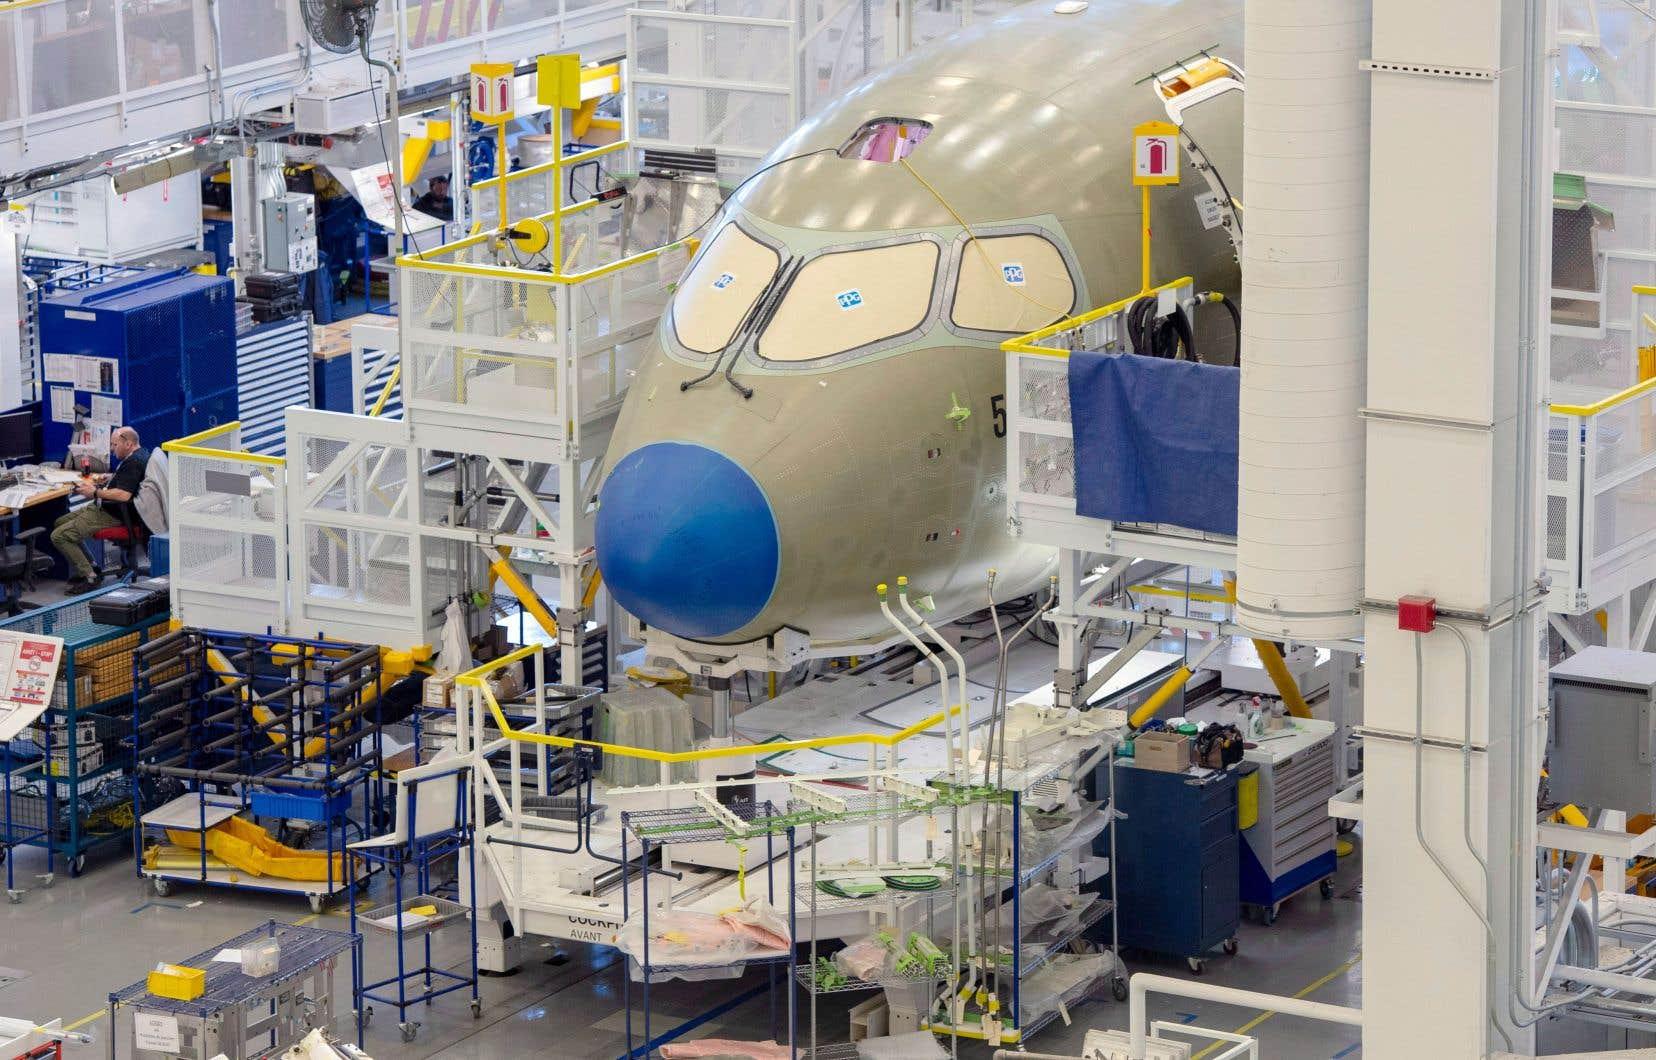 Un événement était organisé par la multinationale lundi à Mirabel, où s'effectue l'assemblage des appareils A220, nés de la C Series de Bombardier.